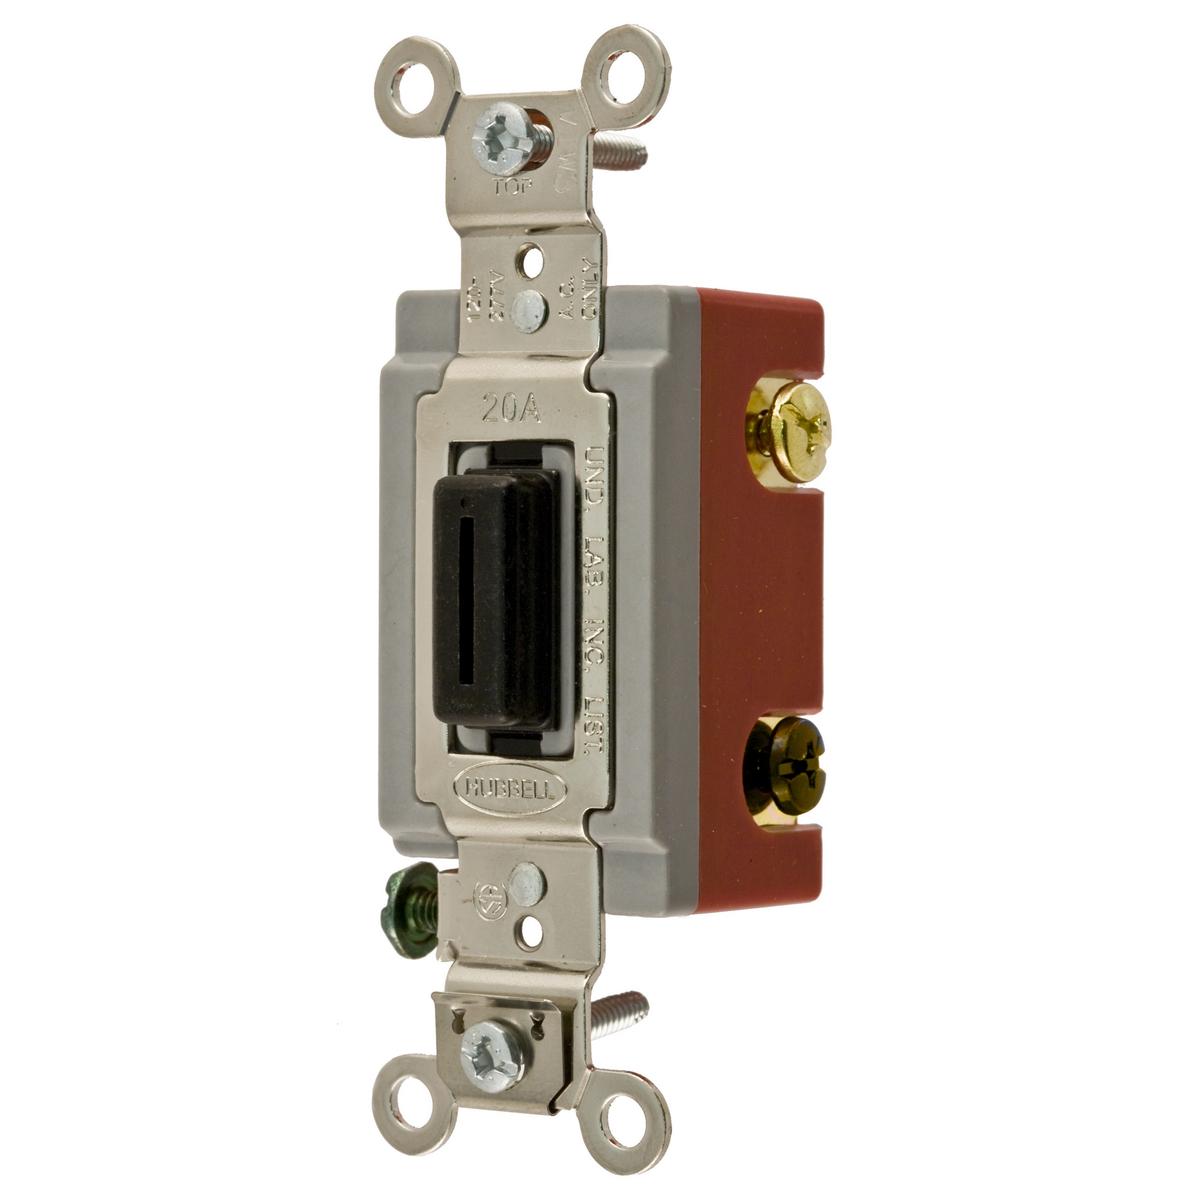 Wiring Device-KellemsHBL1224L